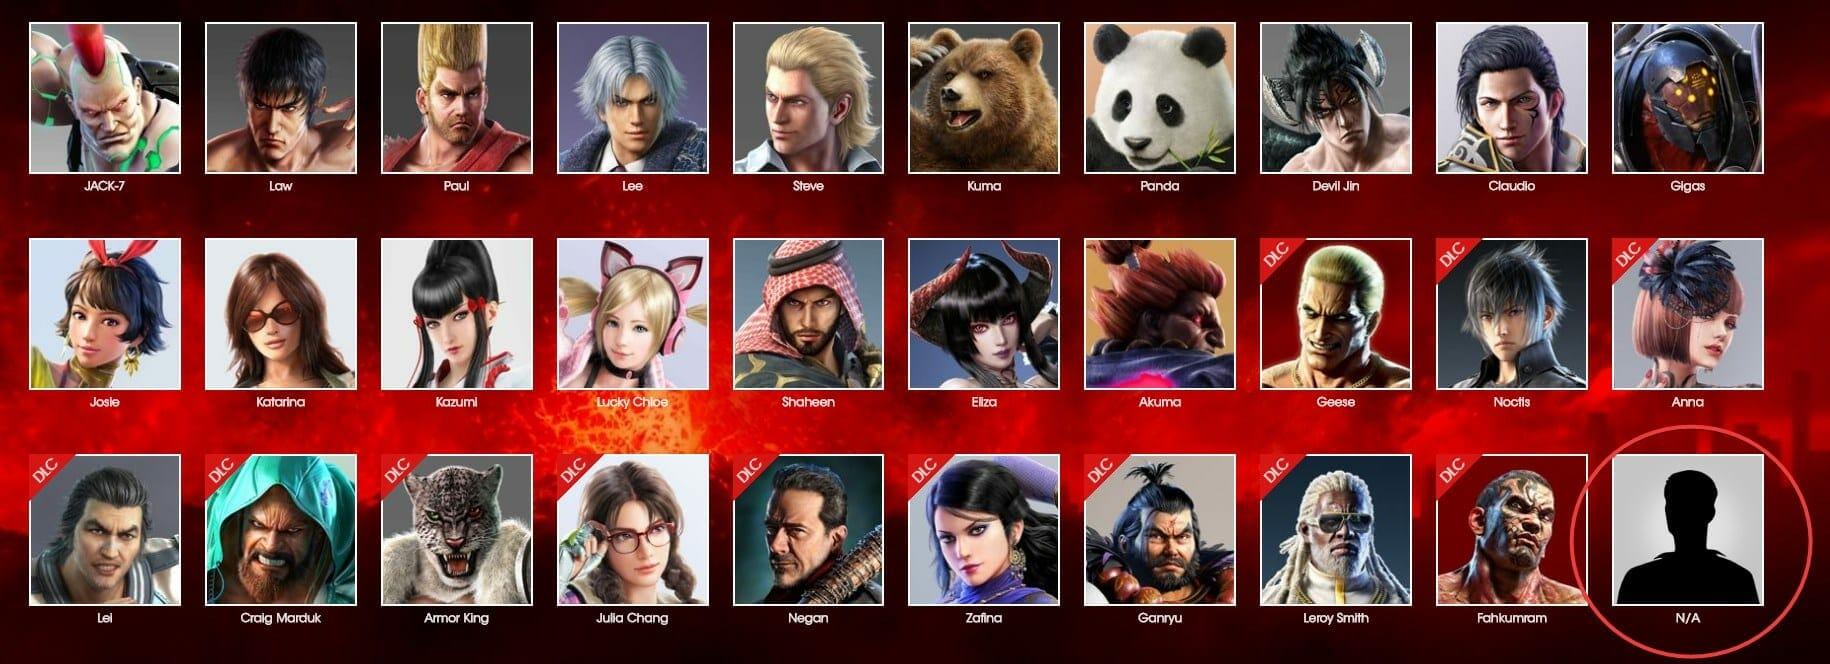 New Tekken 7 Character Teased On Official Website